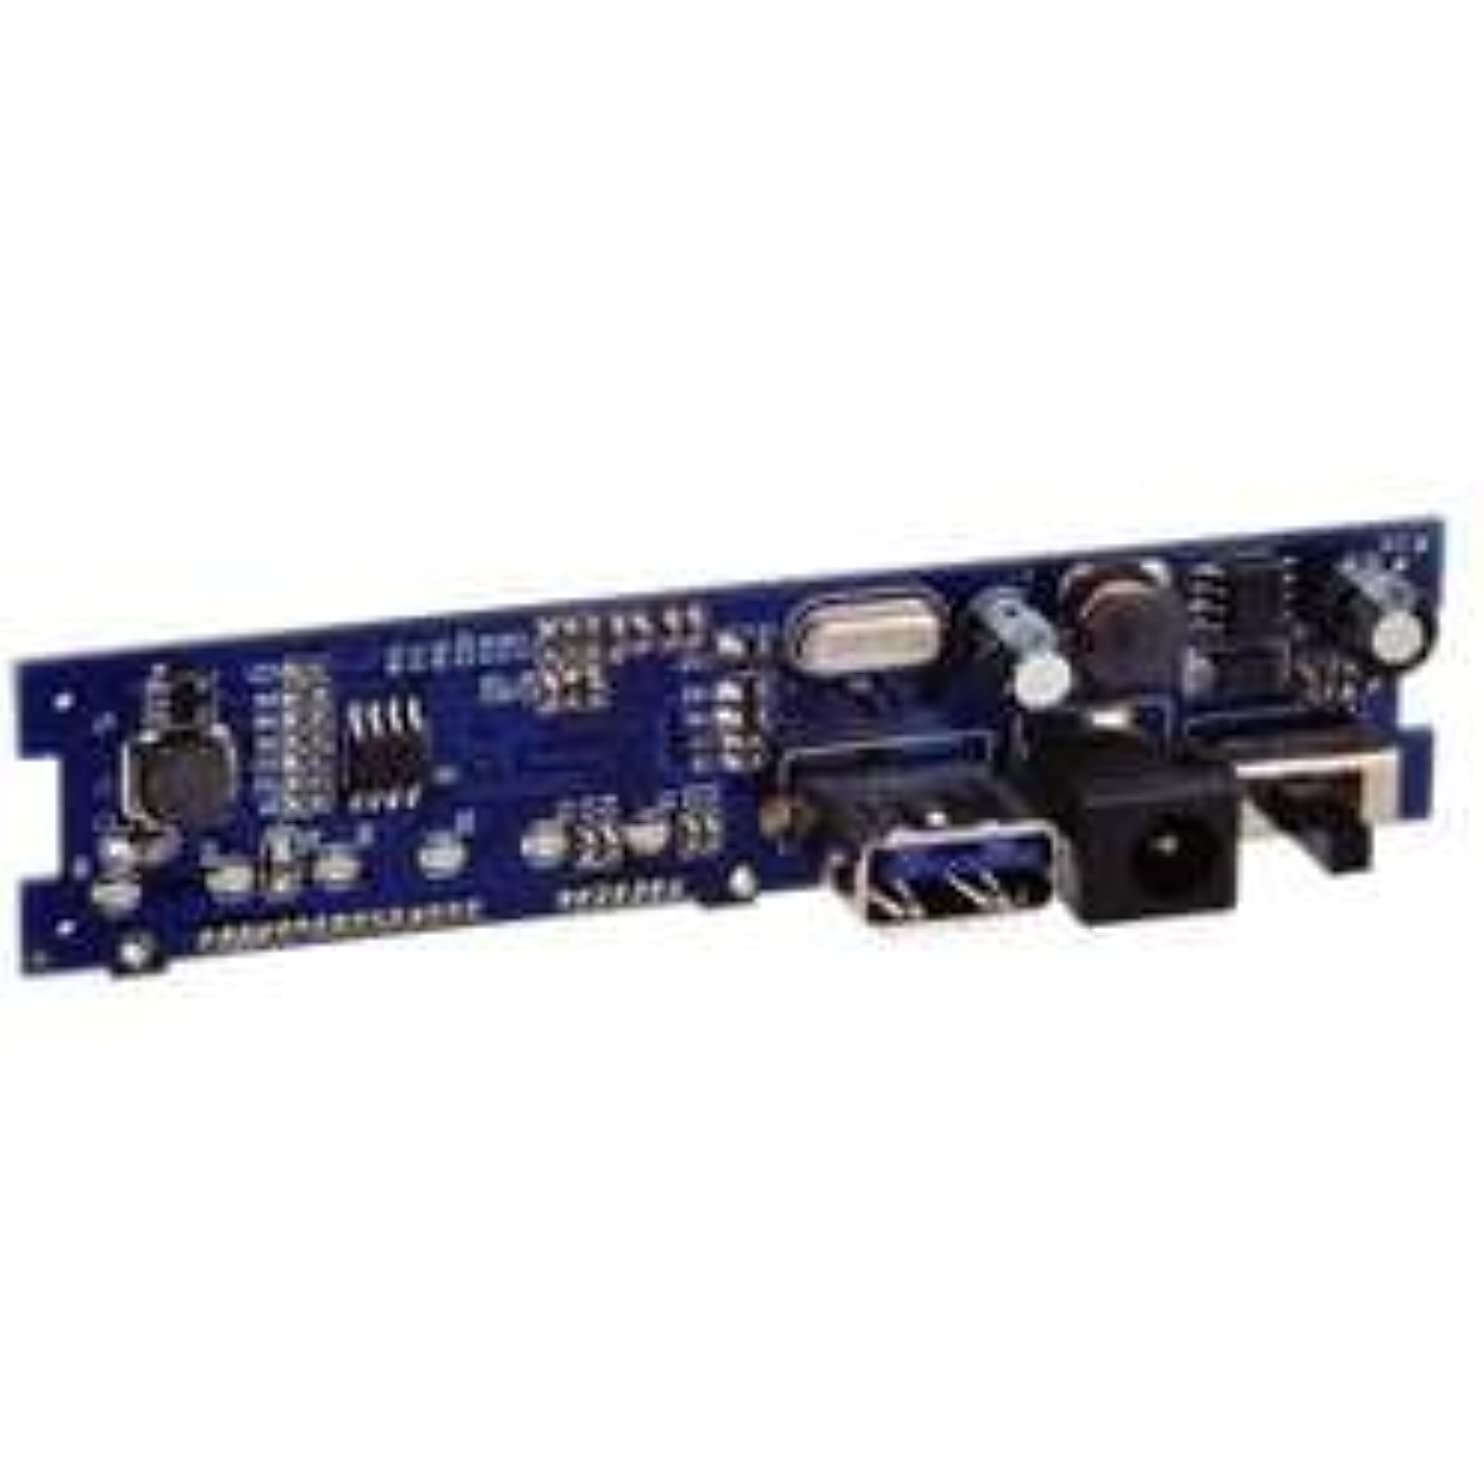 歩行者角度アソシエイトセンチュリー SATA→USB3.0変換アダプター SATA活してUSB3.0 SATA-USB3